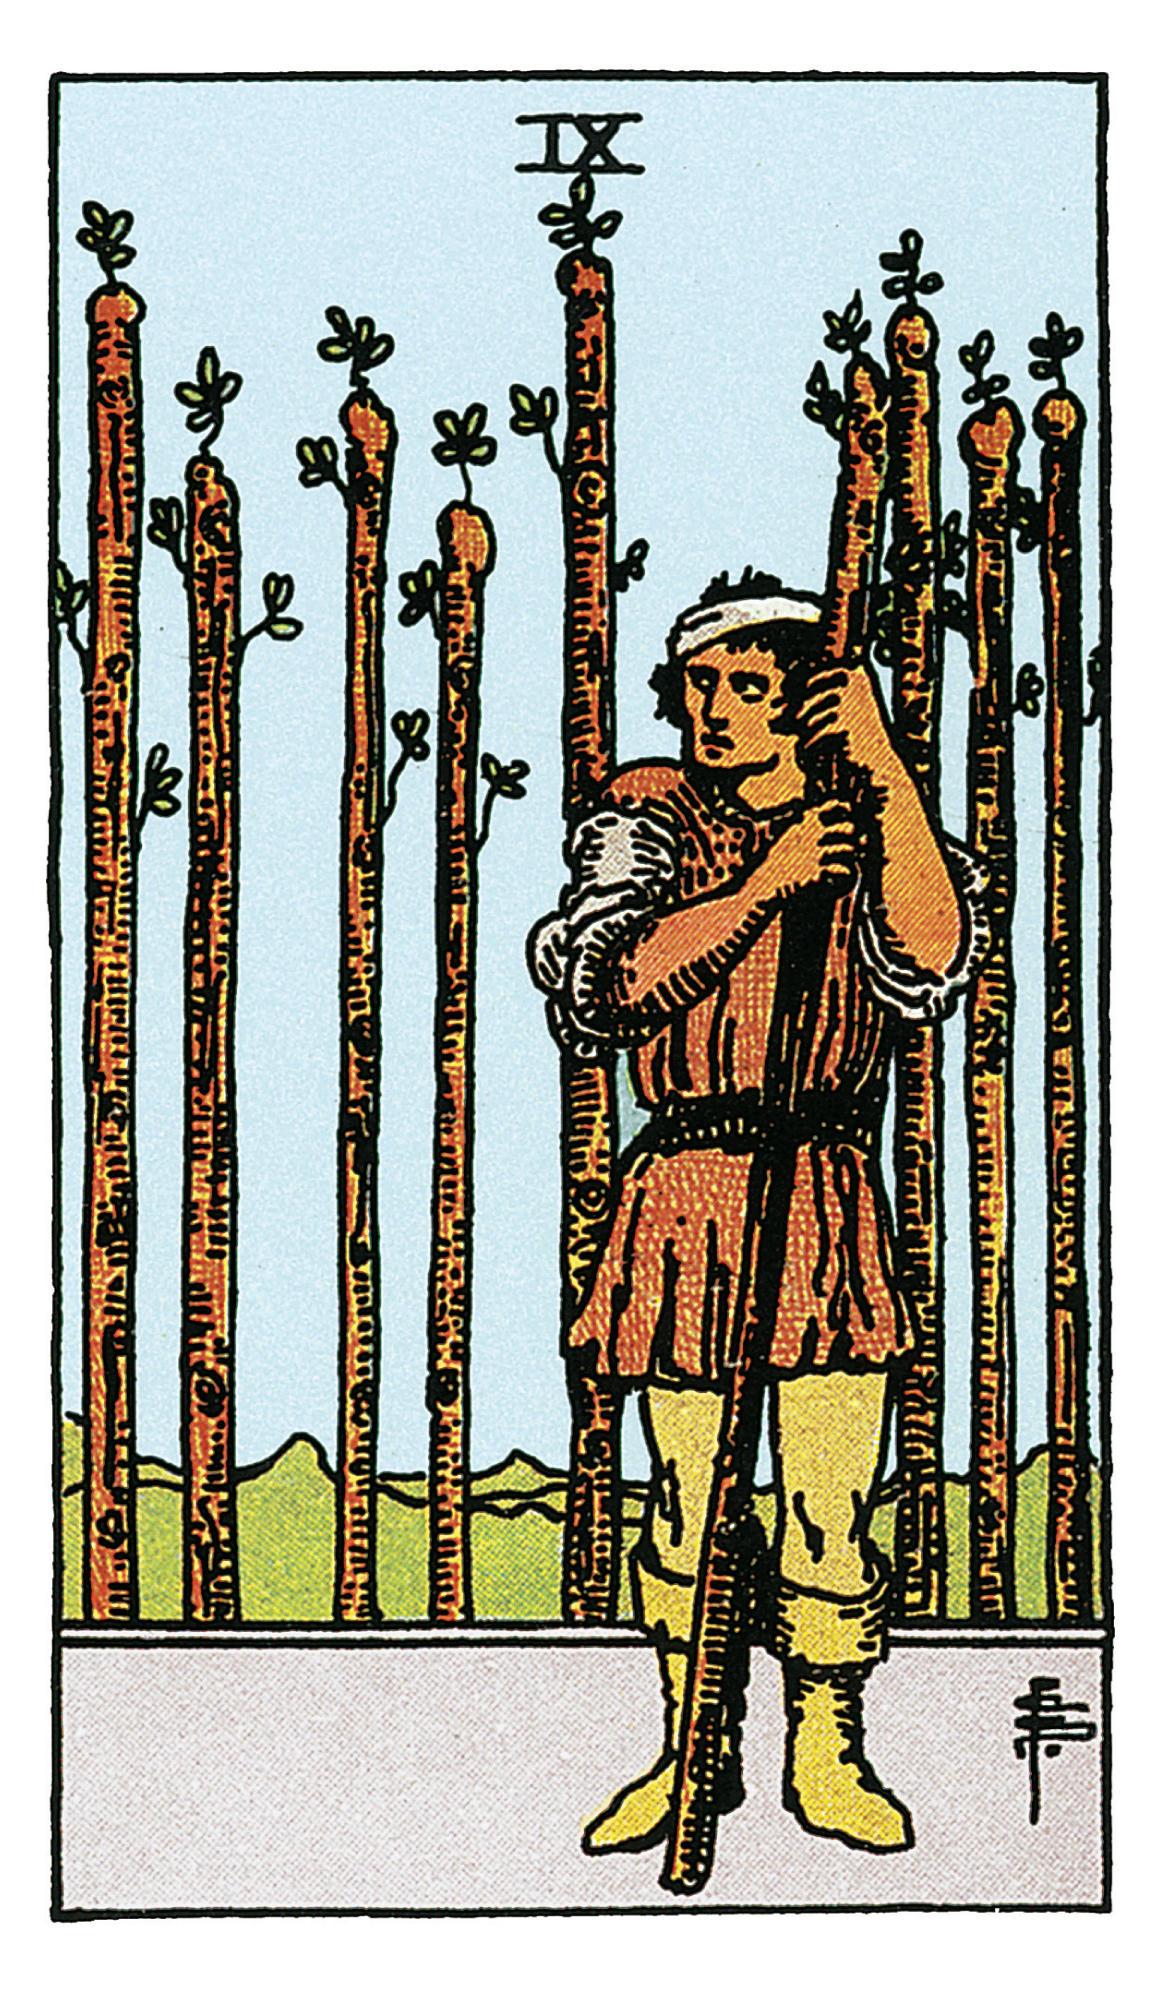 Neun Der Stäbe Deine Tarotkarte Brigittede